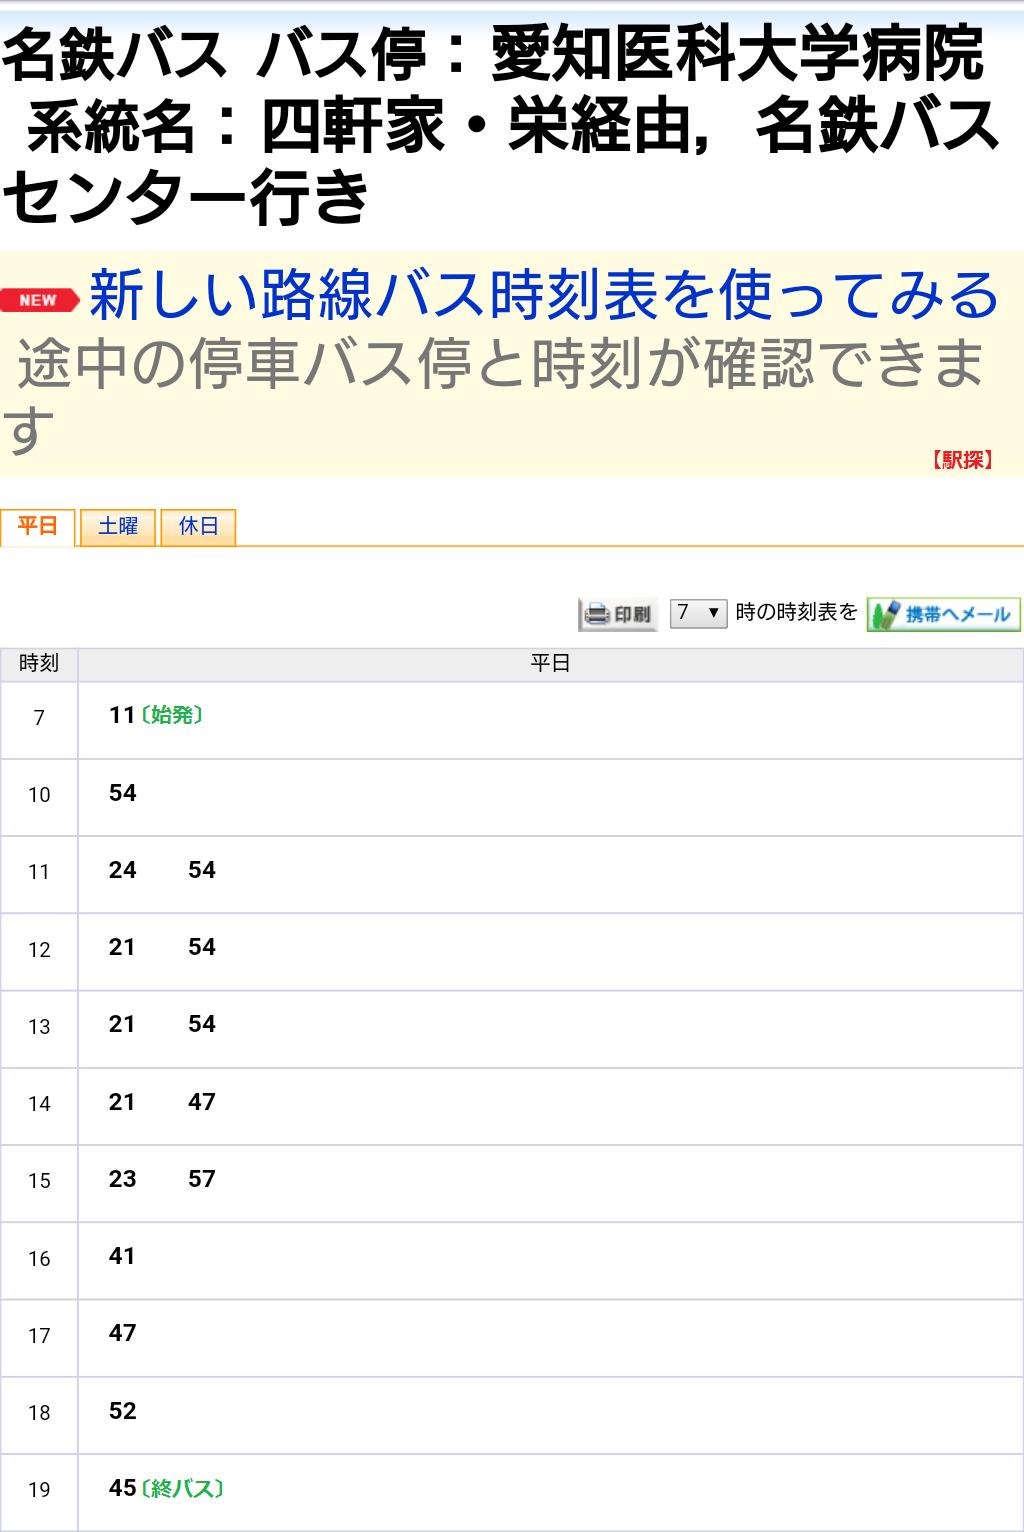 2017.8.25 名古屋 (99) 愛知医科大学病院バス停=時刻表 1024-1532